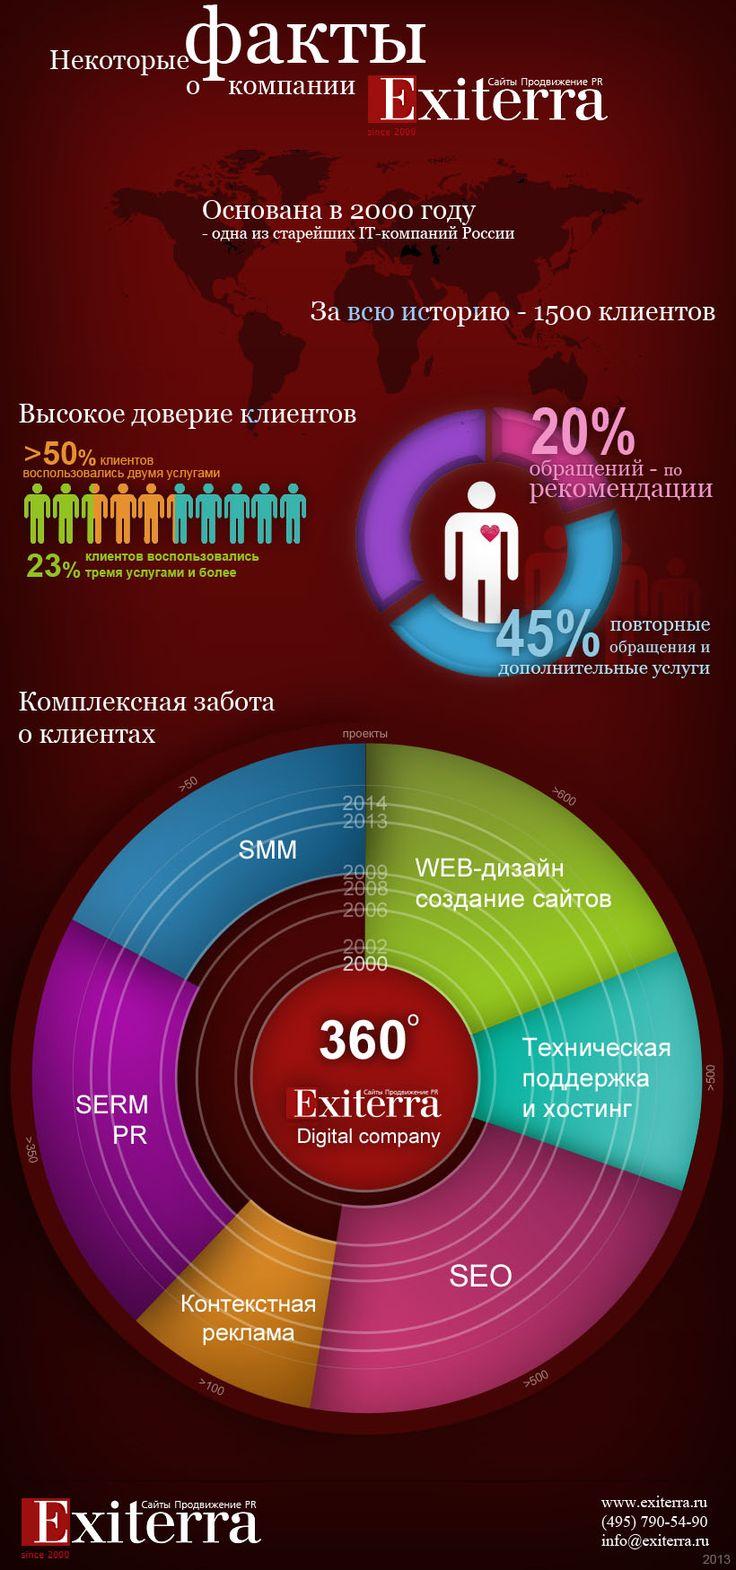 Факты о компании Exiterra.ru